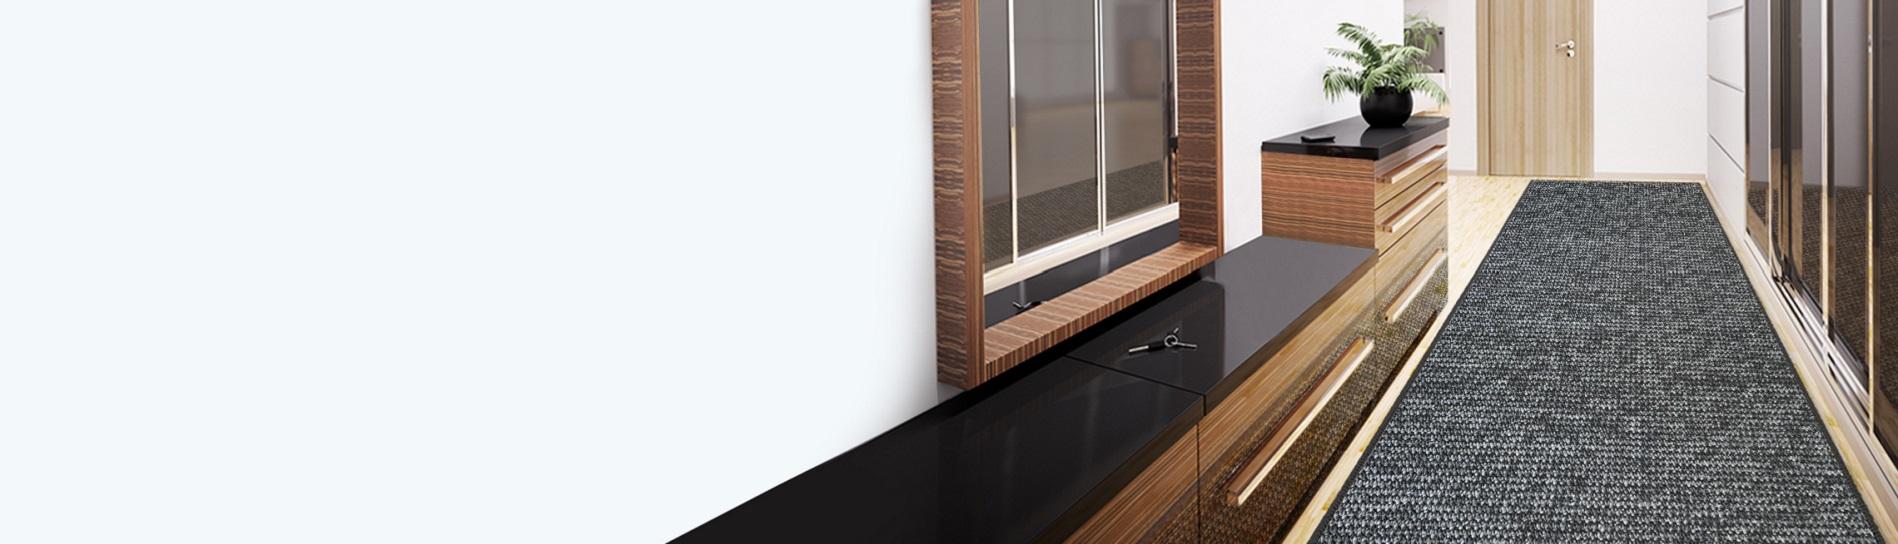 Floordirekt Ihr Fachhandel Fur Teppiche Matten Garten Und Betrieb